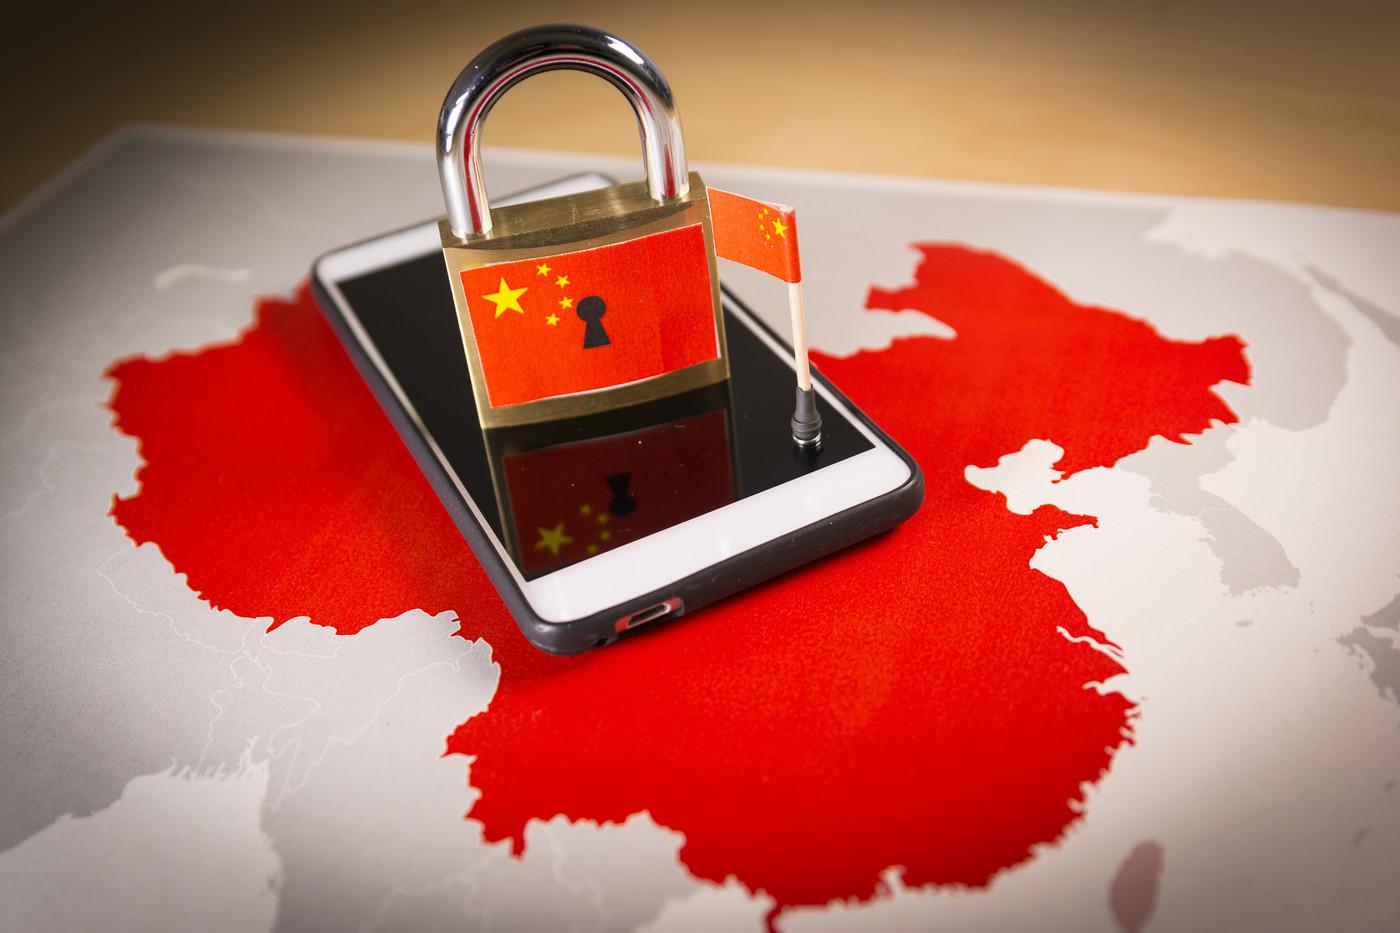 Portable verrouillé sur la Chine, symbolisant la censure